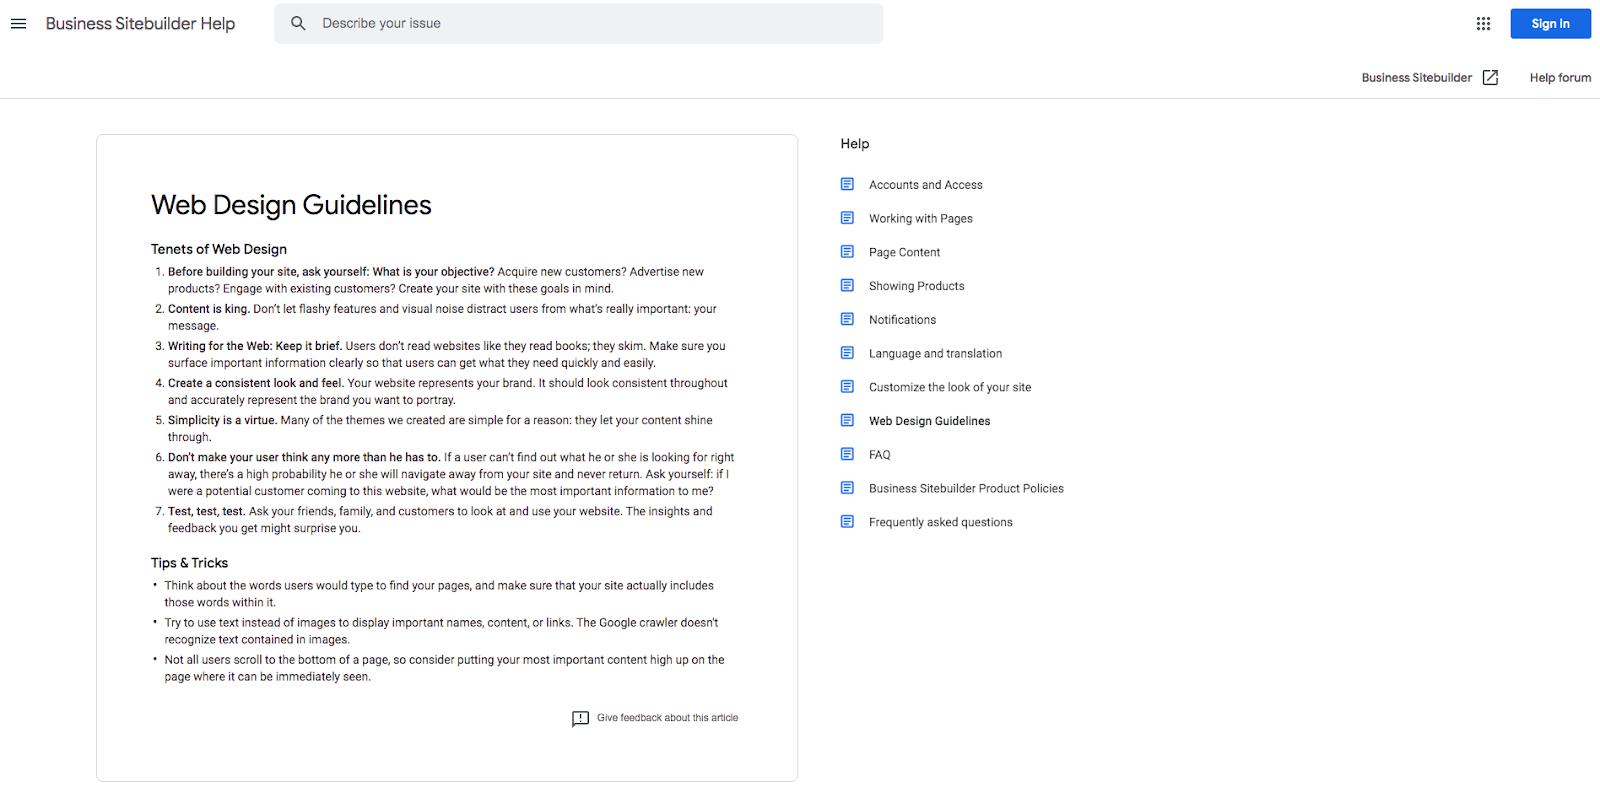 """Рекомендации Google по веб-дизайну """"width ="""" 1600 """"height ="""" 787 """"/>    <figcaption> Крупные компании, такие как Google, предлагают глобальные стандарты дизайна </figcaption></figure> <p> Но даже если мы проигнорируем Тот факт, что единообразие может привести к маргинализации и проблемам безопасности, по-прежнему важно рассмотреть вопрос о бренде. </p> <p> Для любой компании, пытающейся добиться успеха в современном мире бизнеса, брендинг играет решающую роль в привлечении и привлечении целевой аудитории. И хотя брендинг не зависит только от дизайна, важно помнить, что первое впечатление в основном основывается на визуальных данных. Все дело в создании сильной и уникальной визуальной идентичности и индивидуальности бренда. Это означает, что каждый элемент на главной странице компании должен играть роль в определении ценностей, миссии и предложения компании. Теперь, если все веб-сайты имеют тенденцию выглядеть одинаково, становится все труднее выделиться среди конкурентов. </p> <h2 id="""